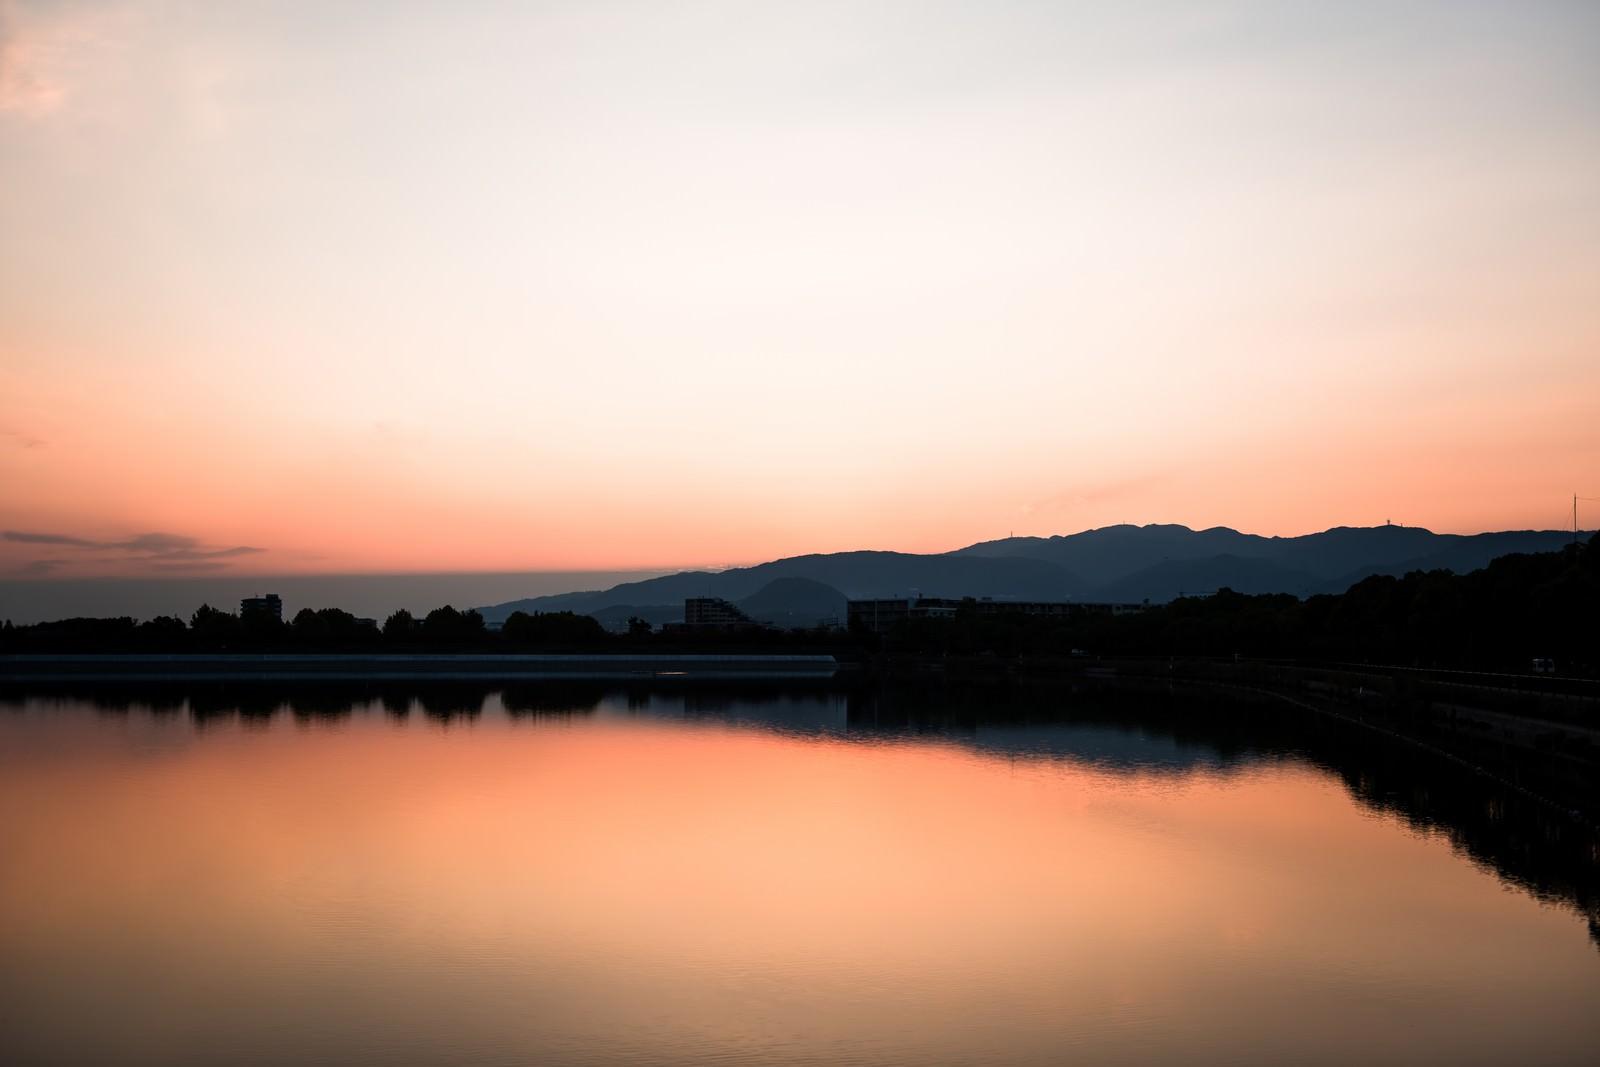 「夕暮れと反射する水面」の写真